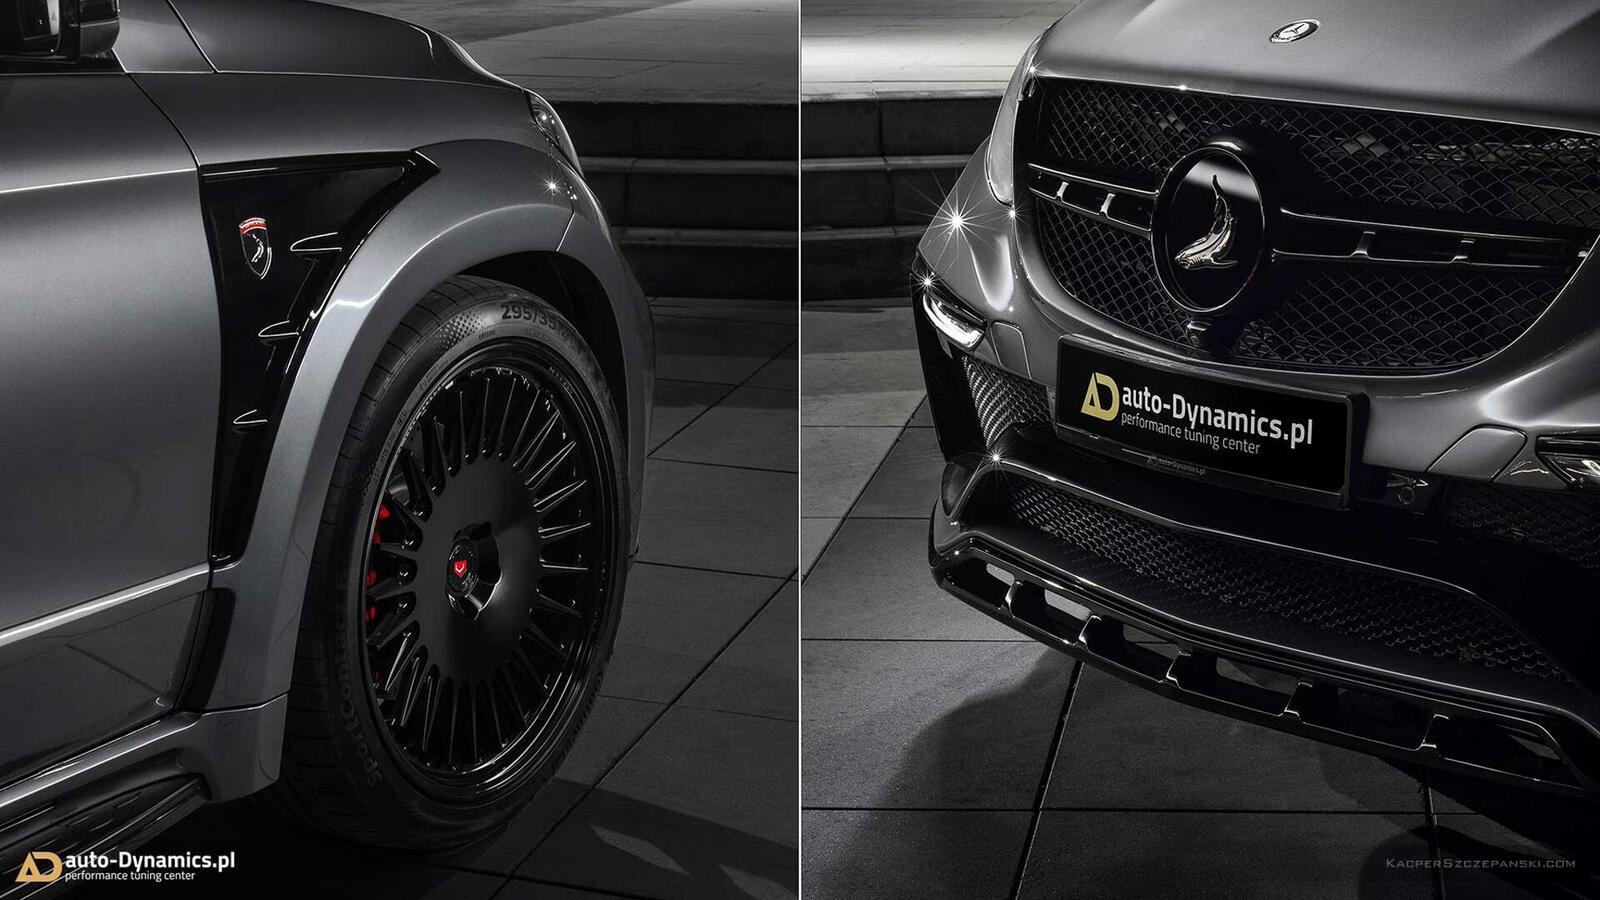 Mercedes-AMG GLE 63 S Coupe độ công suất lên 795 mã lực; tăng tốc 0-100 km/h trong 3,25 giây - Hình 7